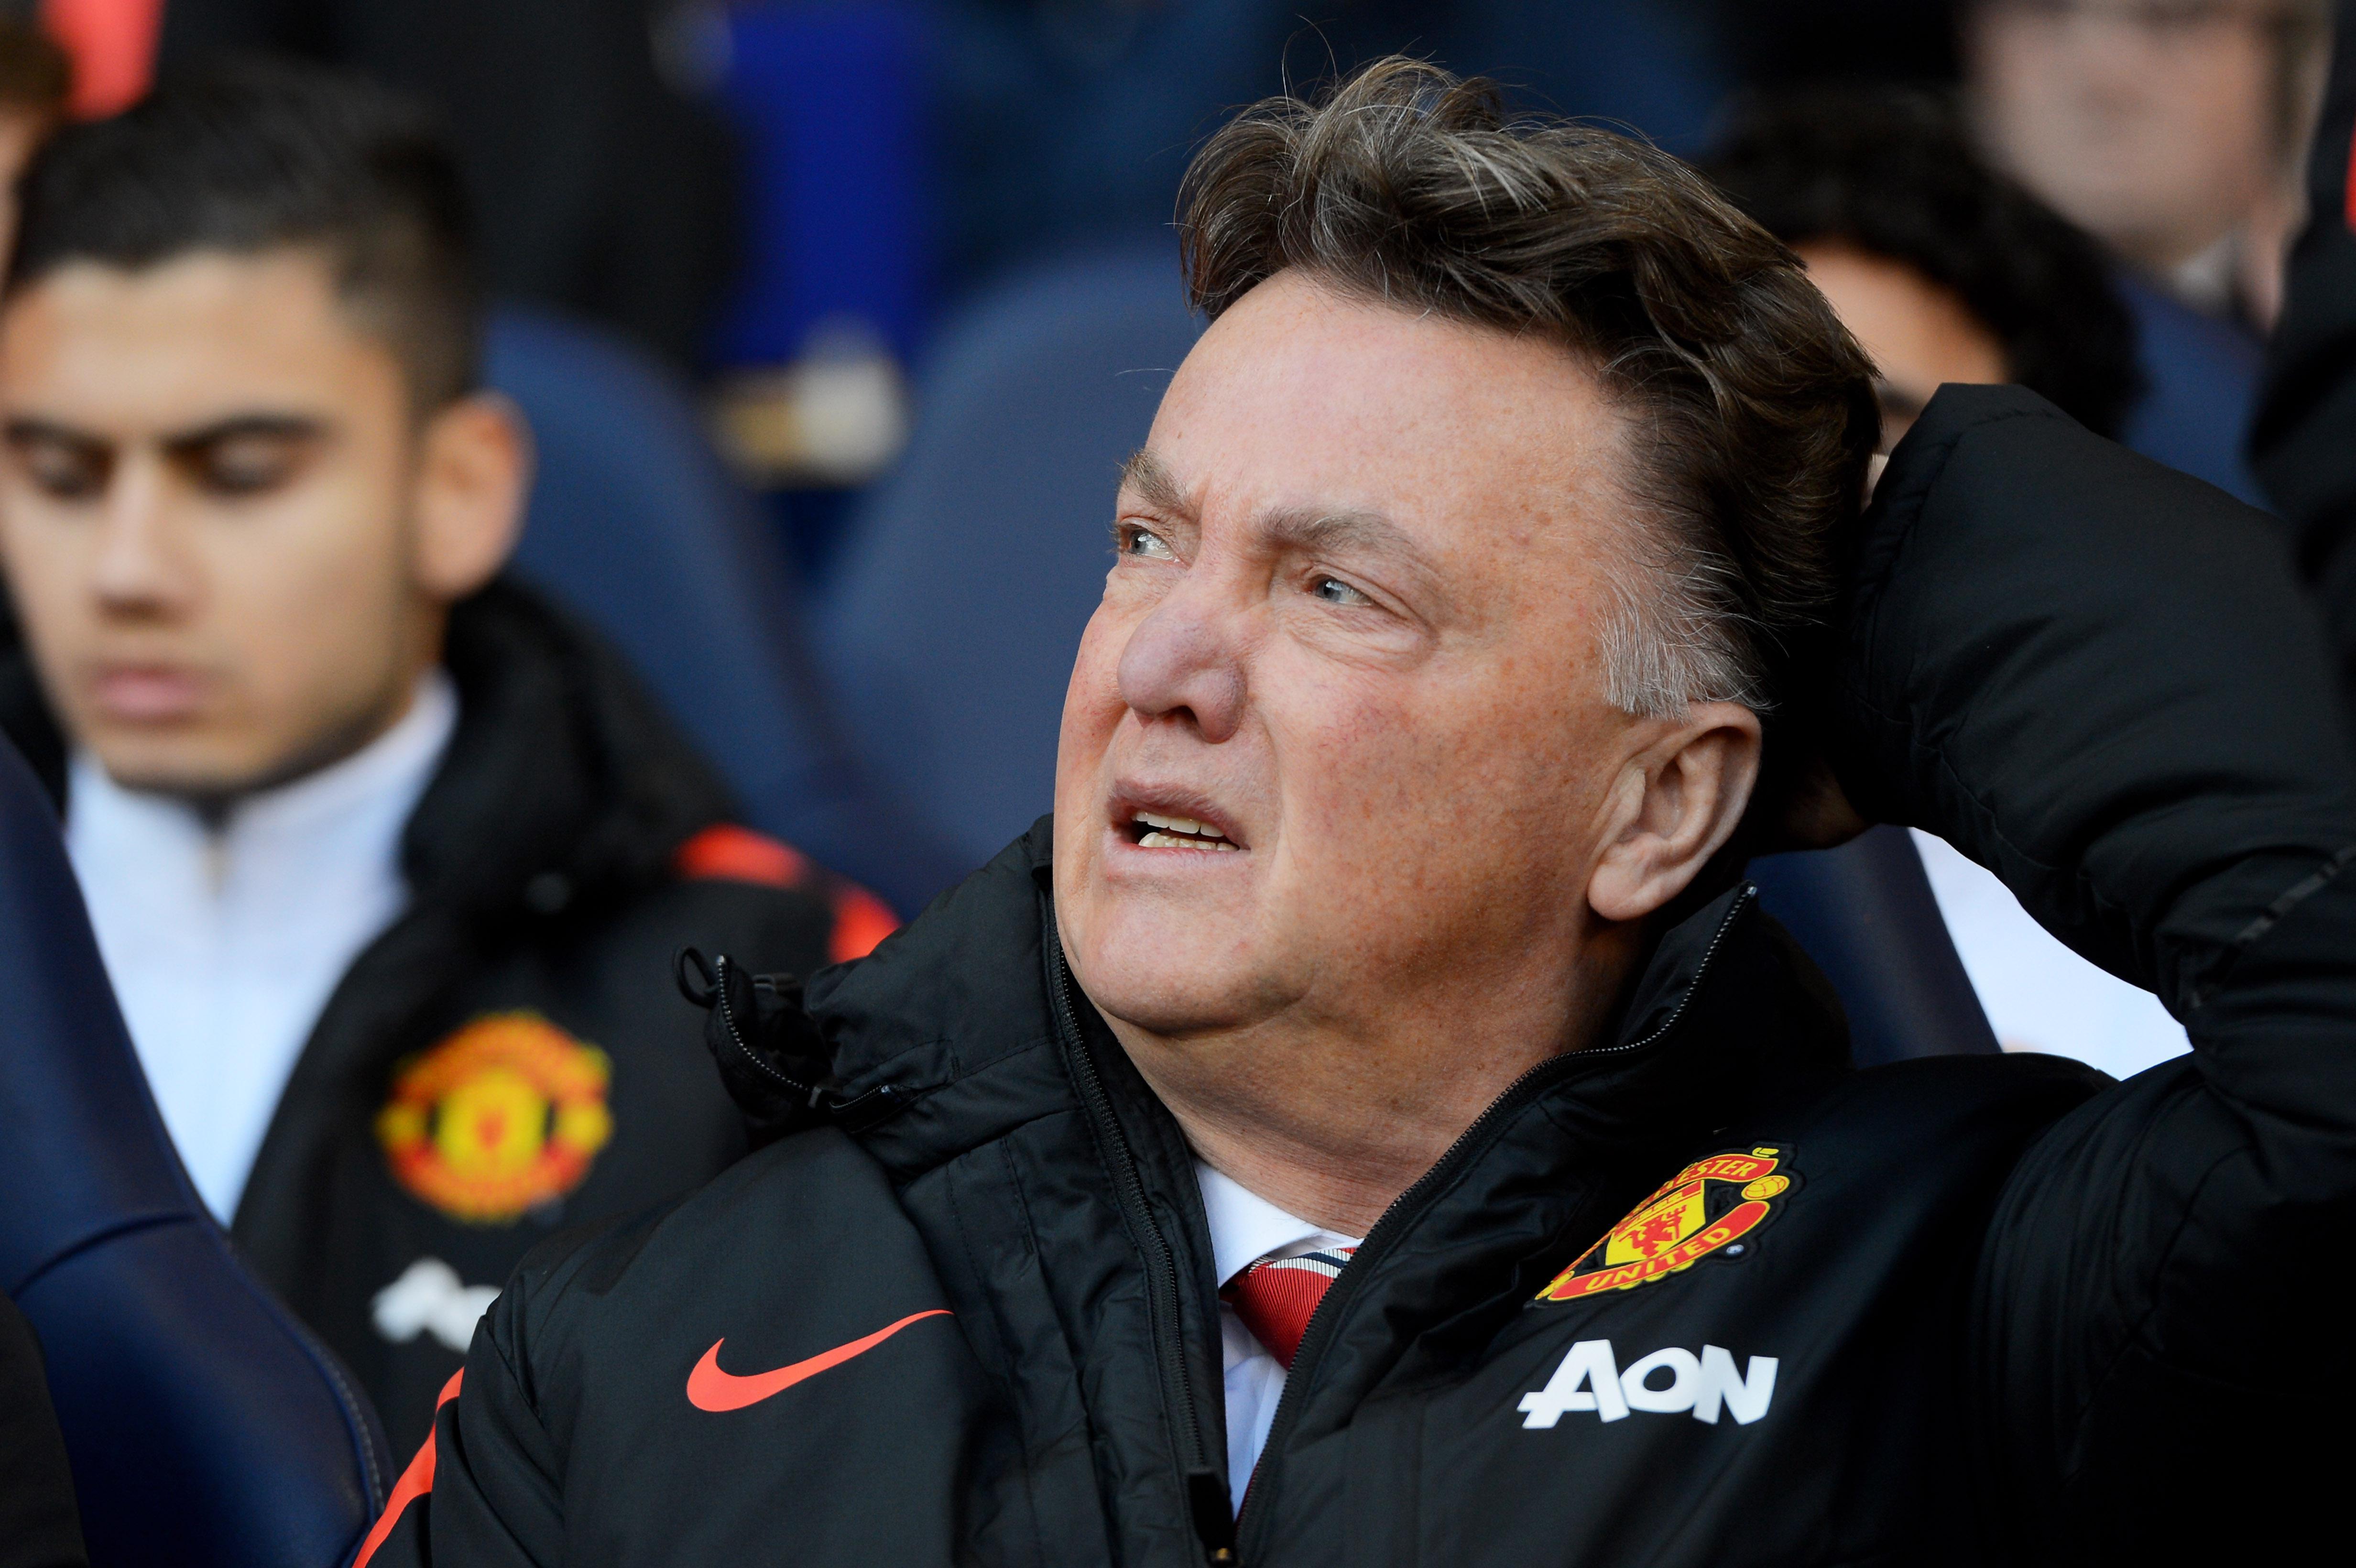 Van Gaal left Manchester United in 2016